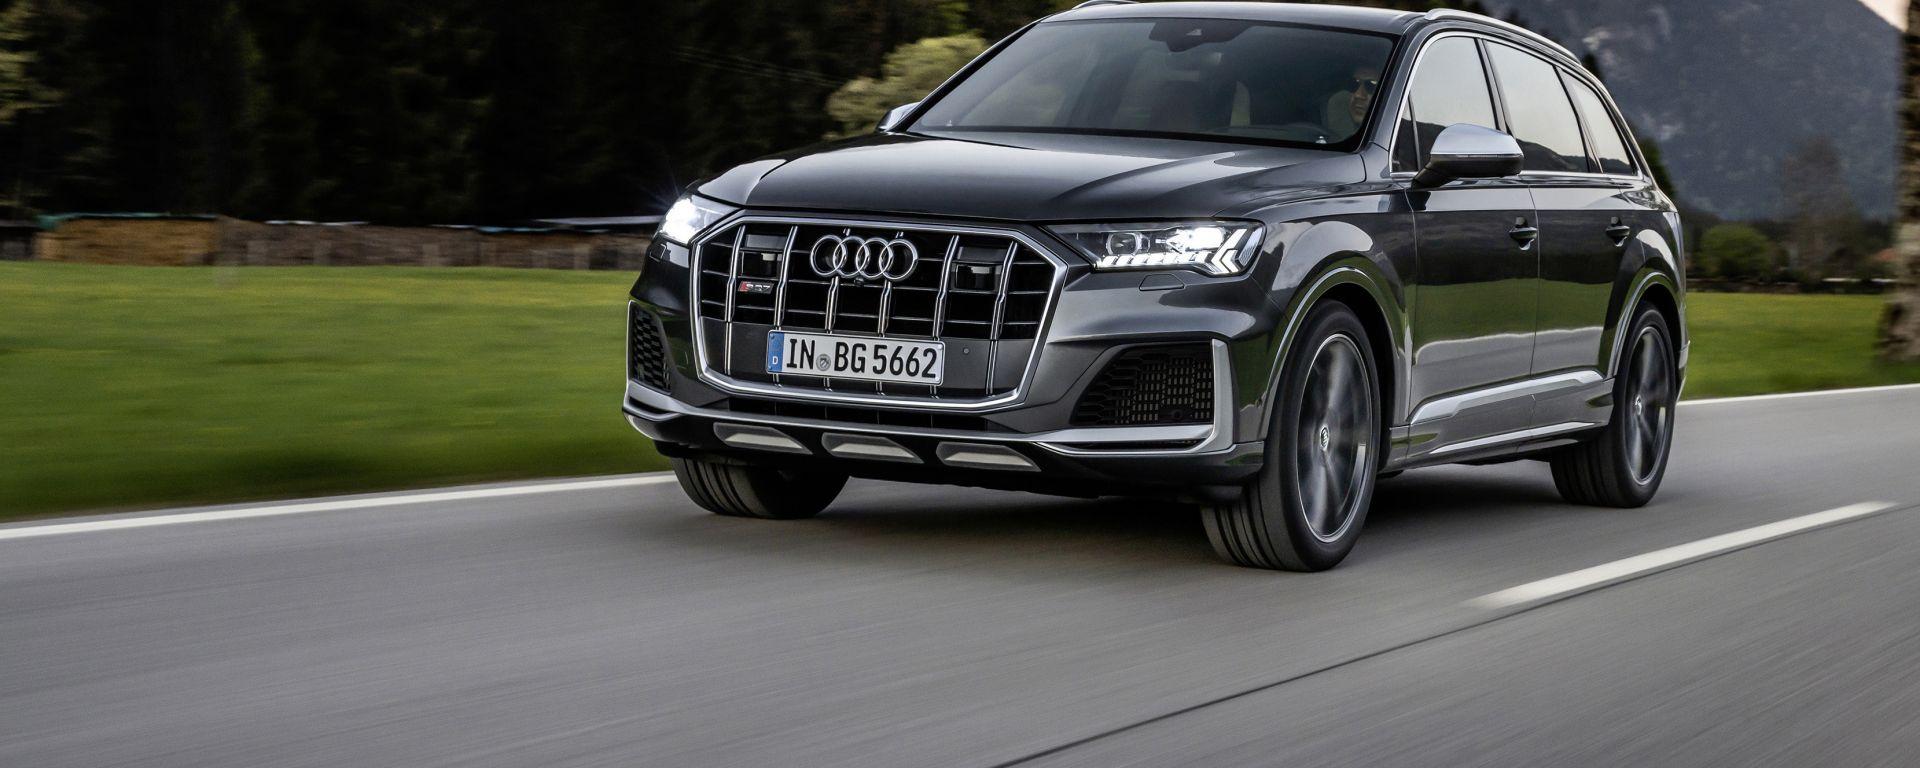 Audi SQ7 V8 4,0 litri benzina